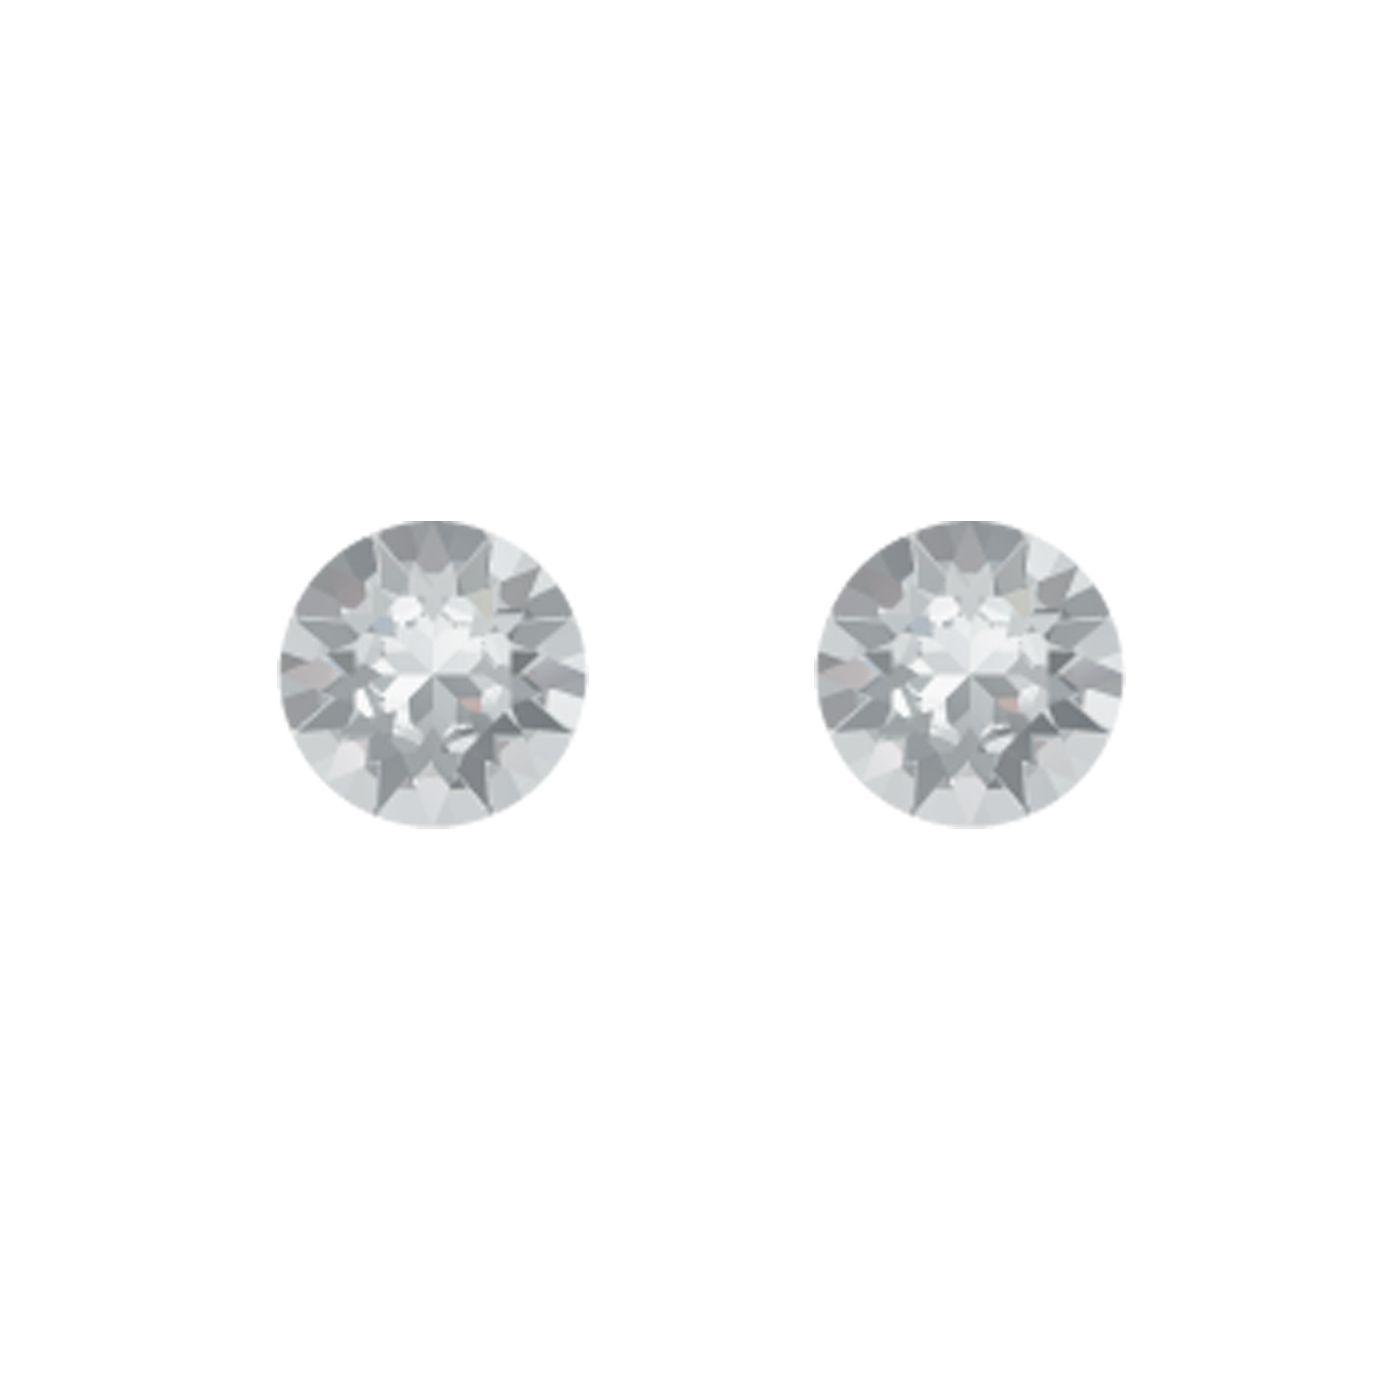 Boucles d'oreilles Indicolite Ronde en argent et cristaux Swarovski blancs